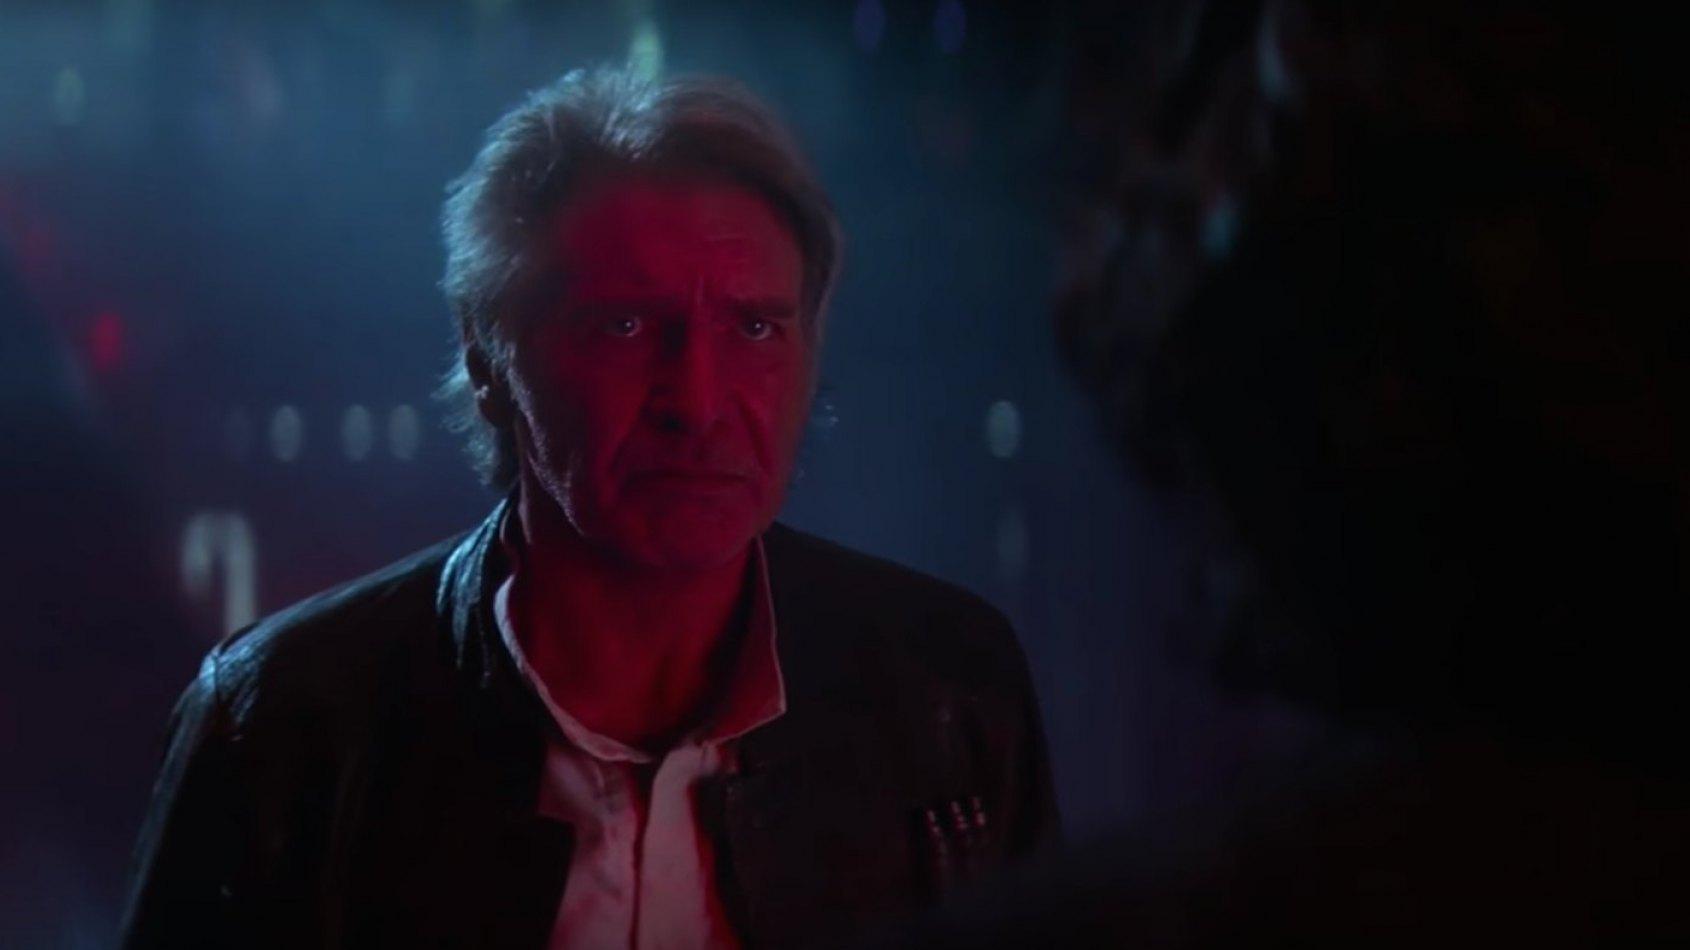 J.J. Abrams revient sur LA sc�ne entre Han Solo et Kylo Ren